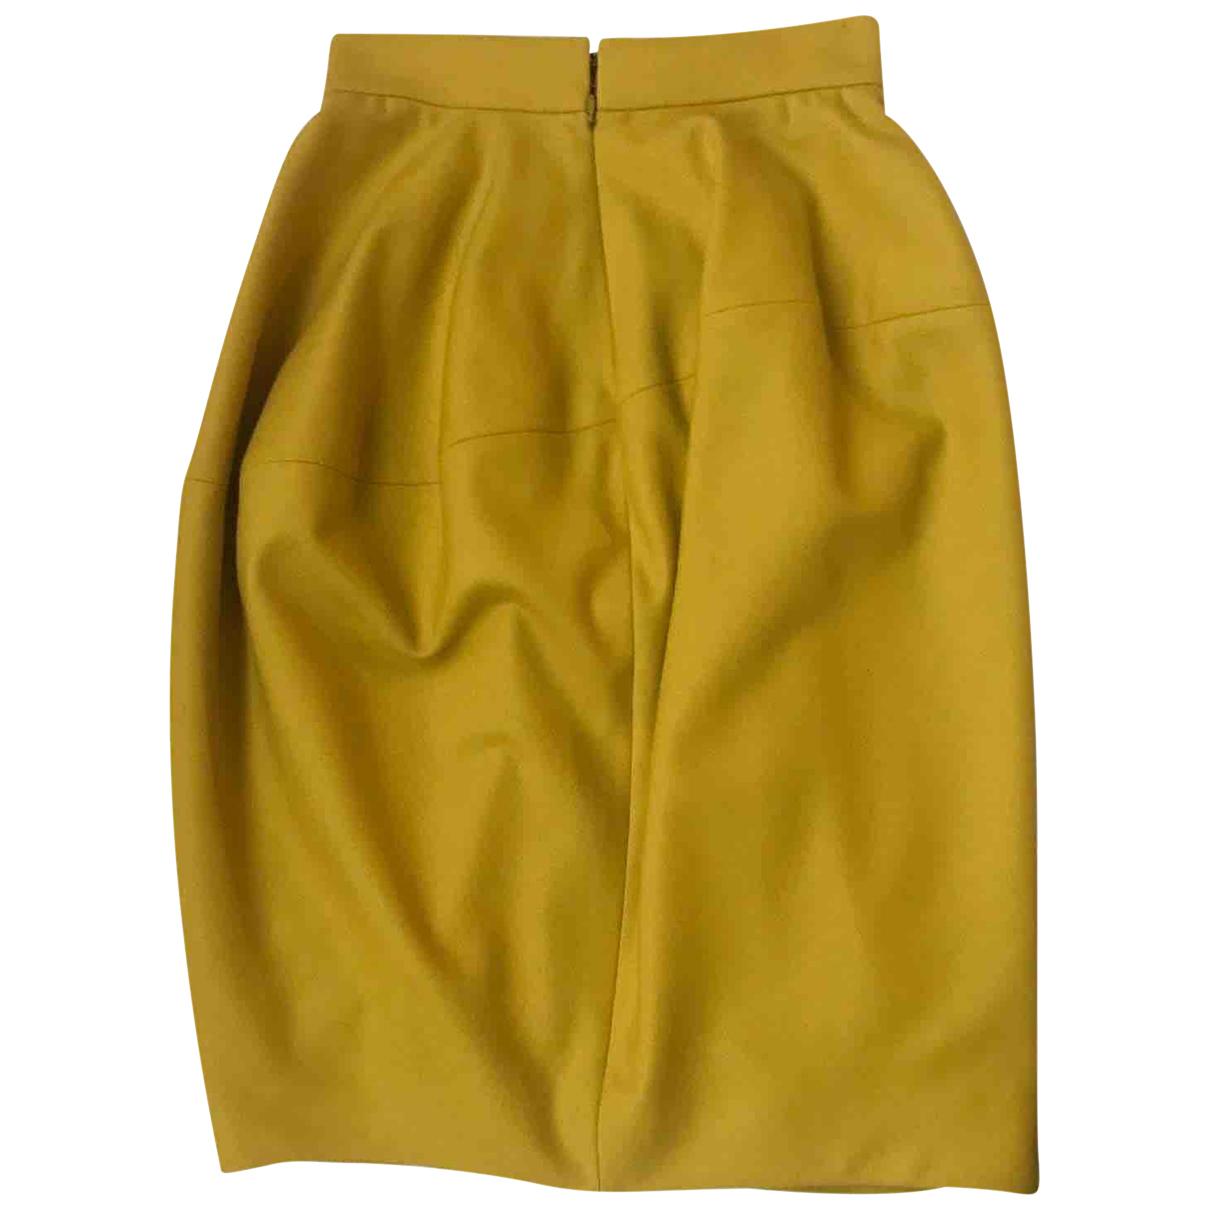 Yves Saint Laurent \N Rocke in  Gelb Wolle